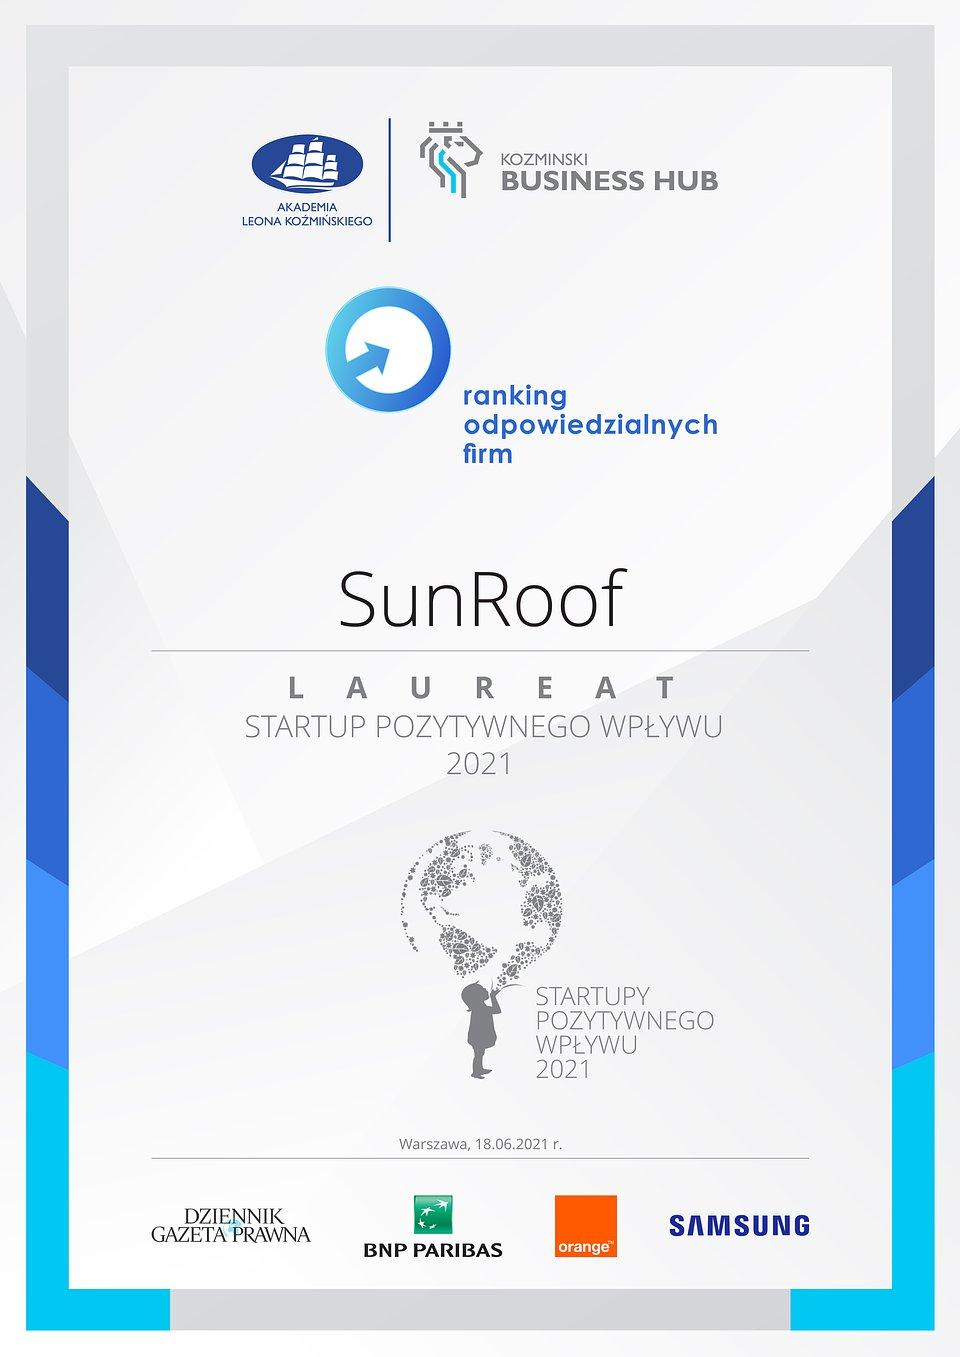 Certyfikat SunRoof_Startup pozytywnego wpływu.jpg